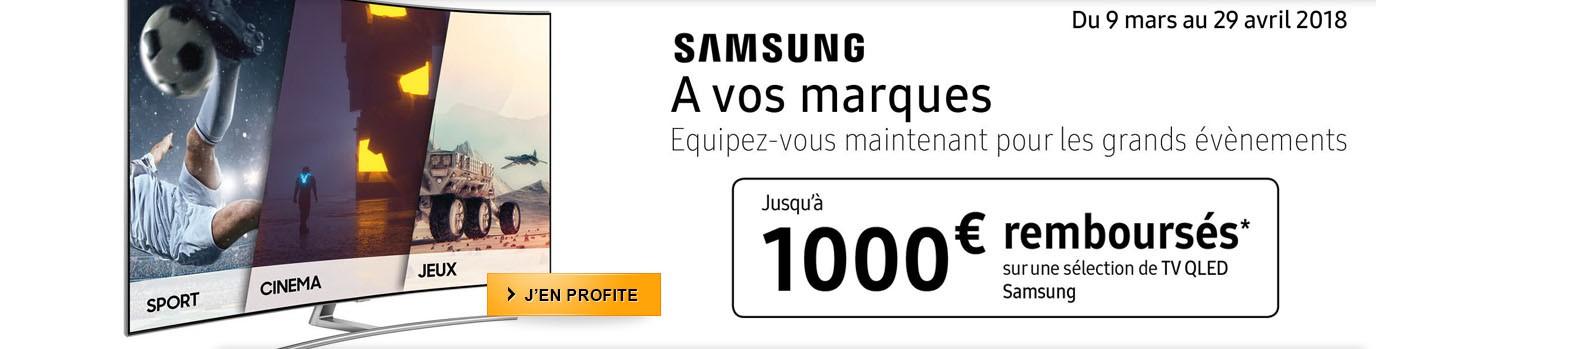 A vos marques ! Samsung vous rembourse jusqu'à 1000€ pour l'achat d'un téléviseur 4K QLED